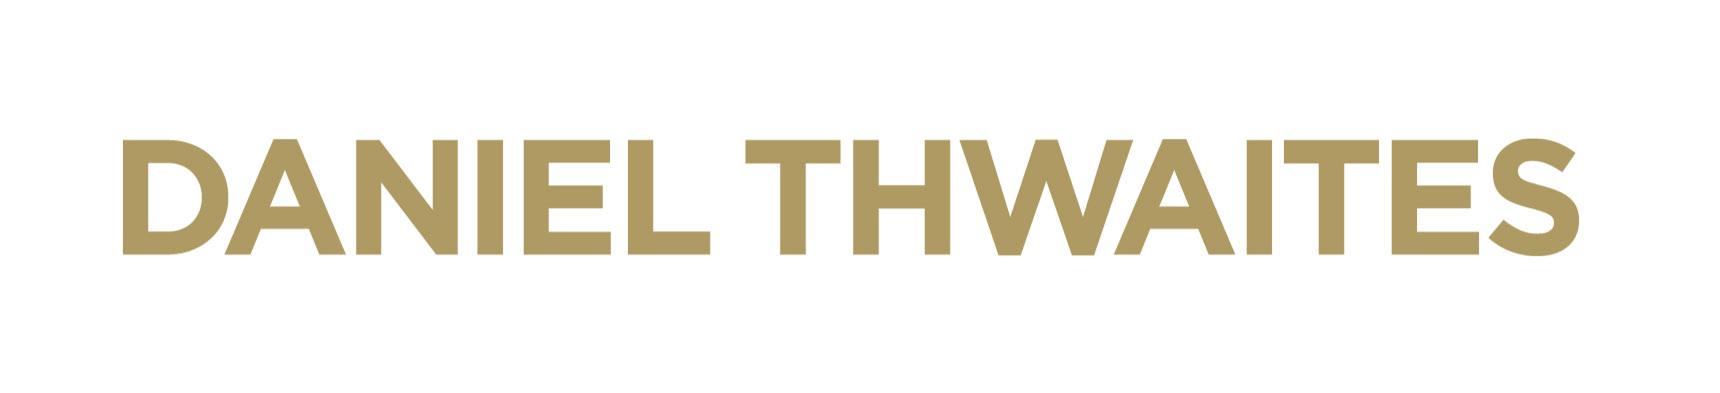 Daniel Thwaites plc